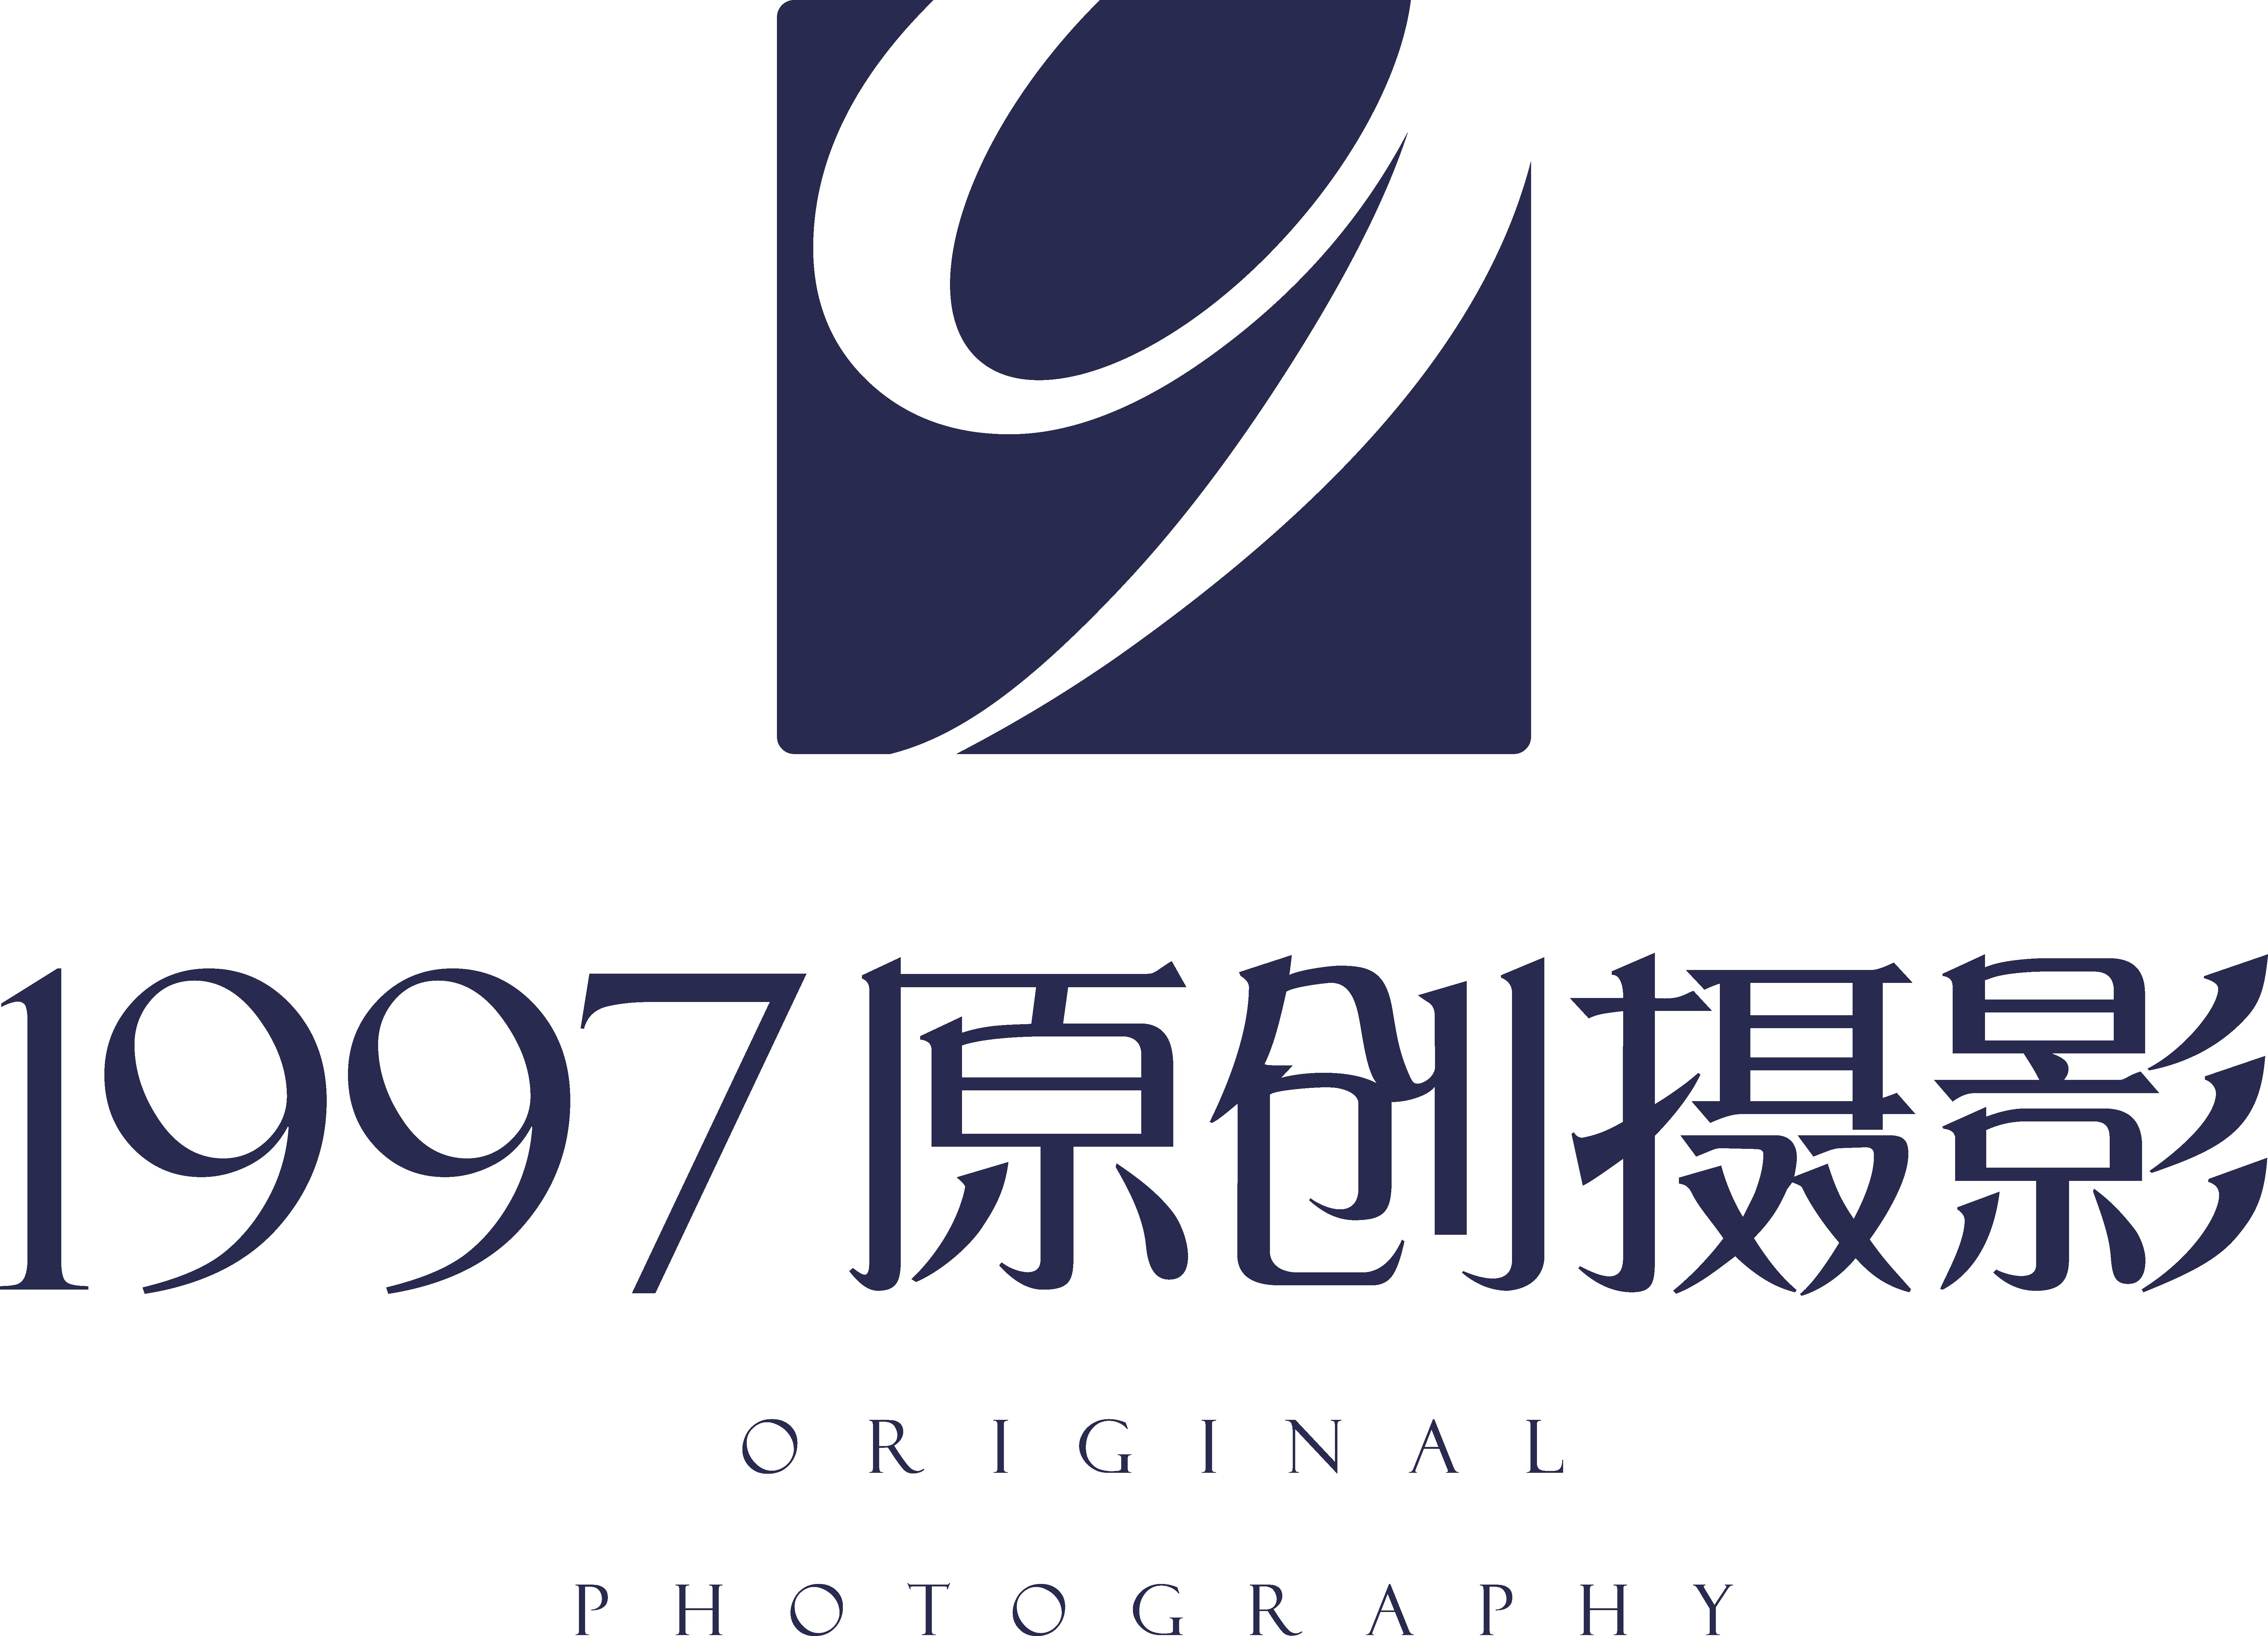 黄冈1997原创摄影美学馆(保利步行街店)